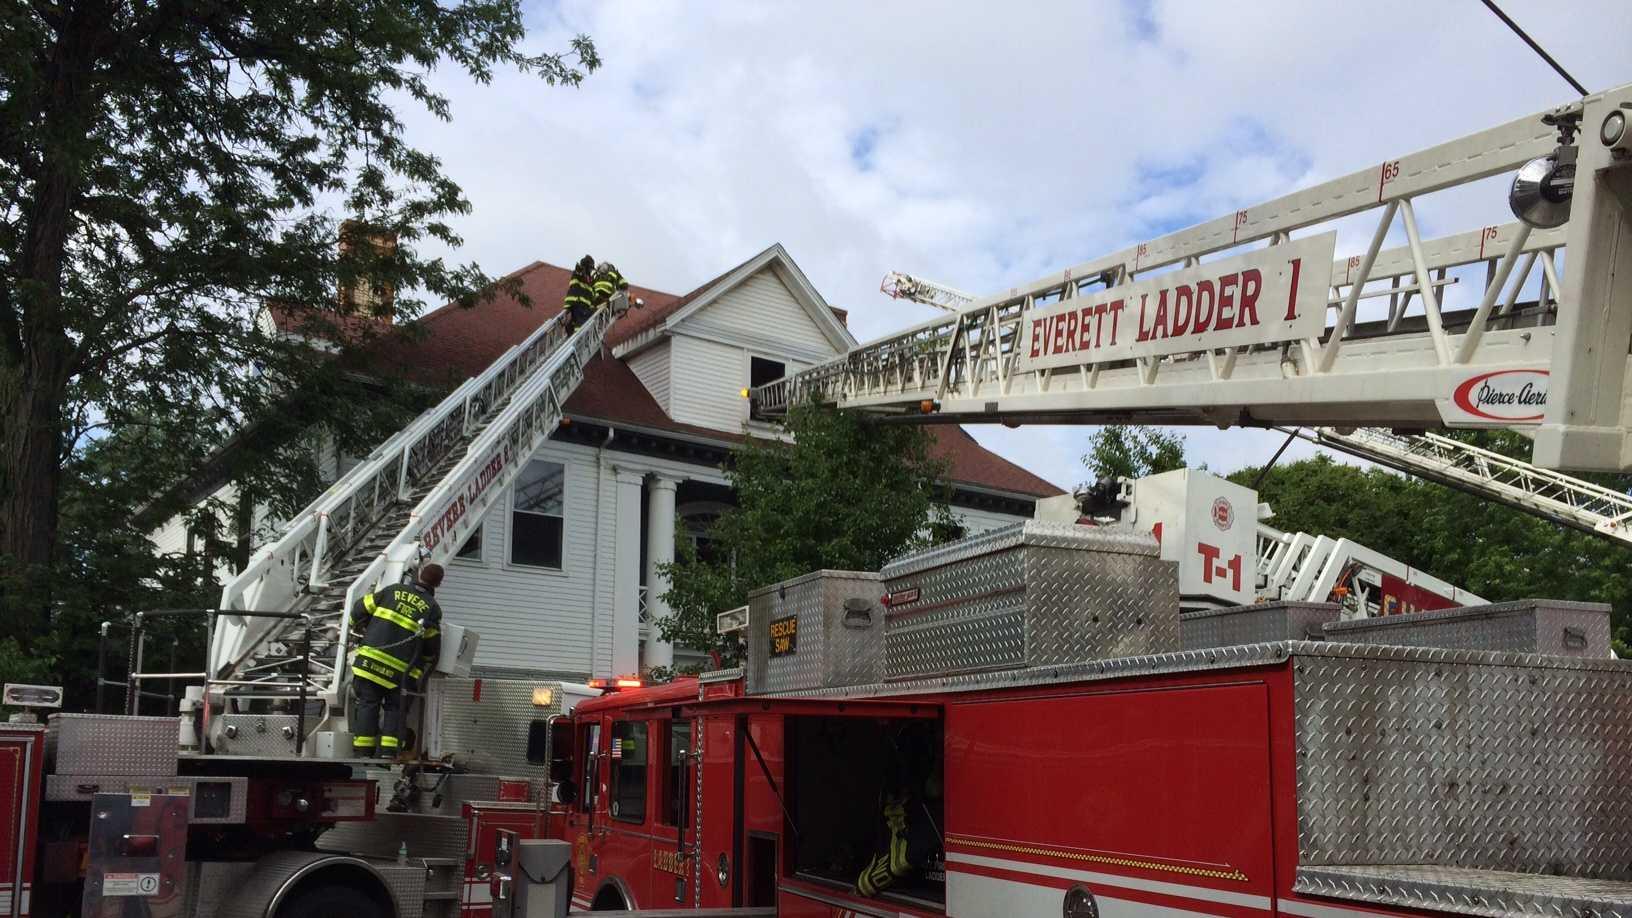 Chelsea fire 6.26